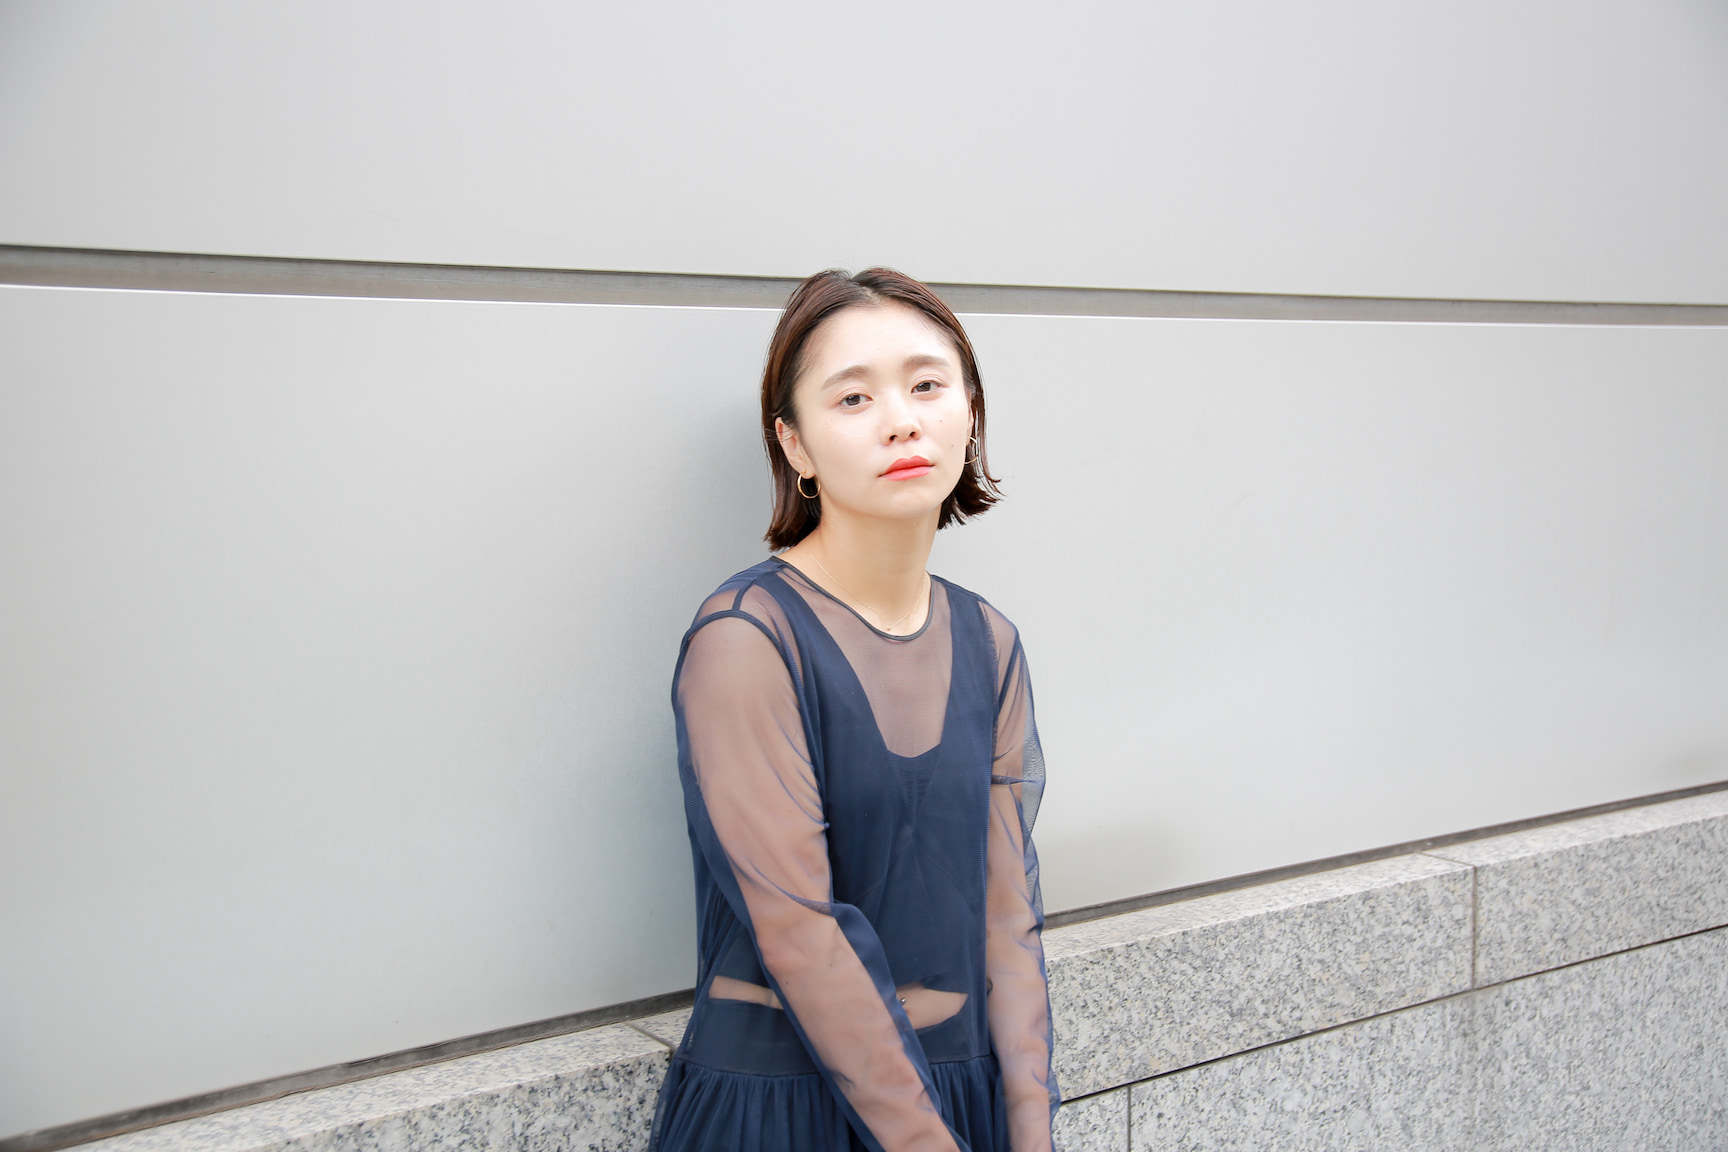 ファッション感度大!シースルーワンピースのモードスタイリング/忍舞さんの7days coordinate #Day4